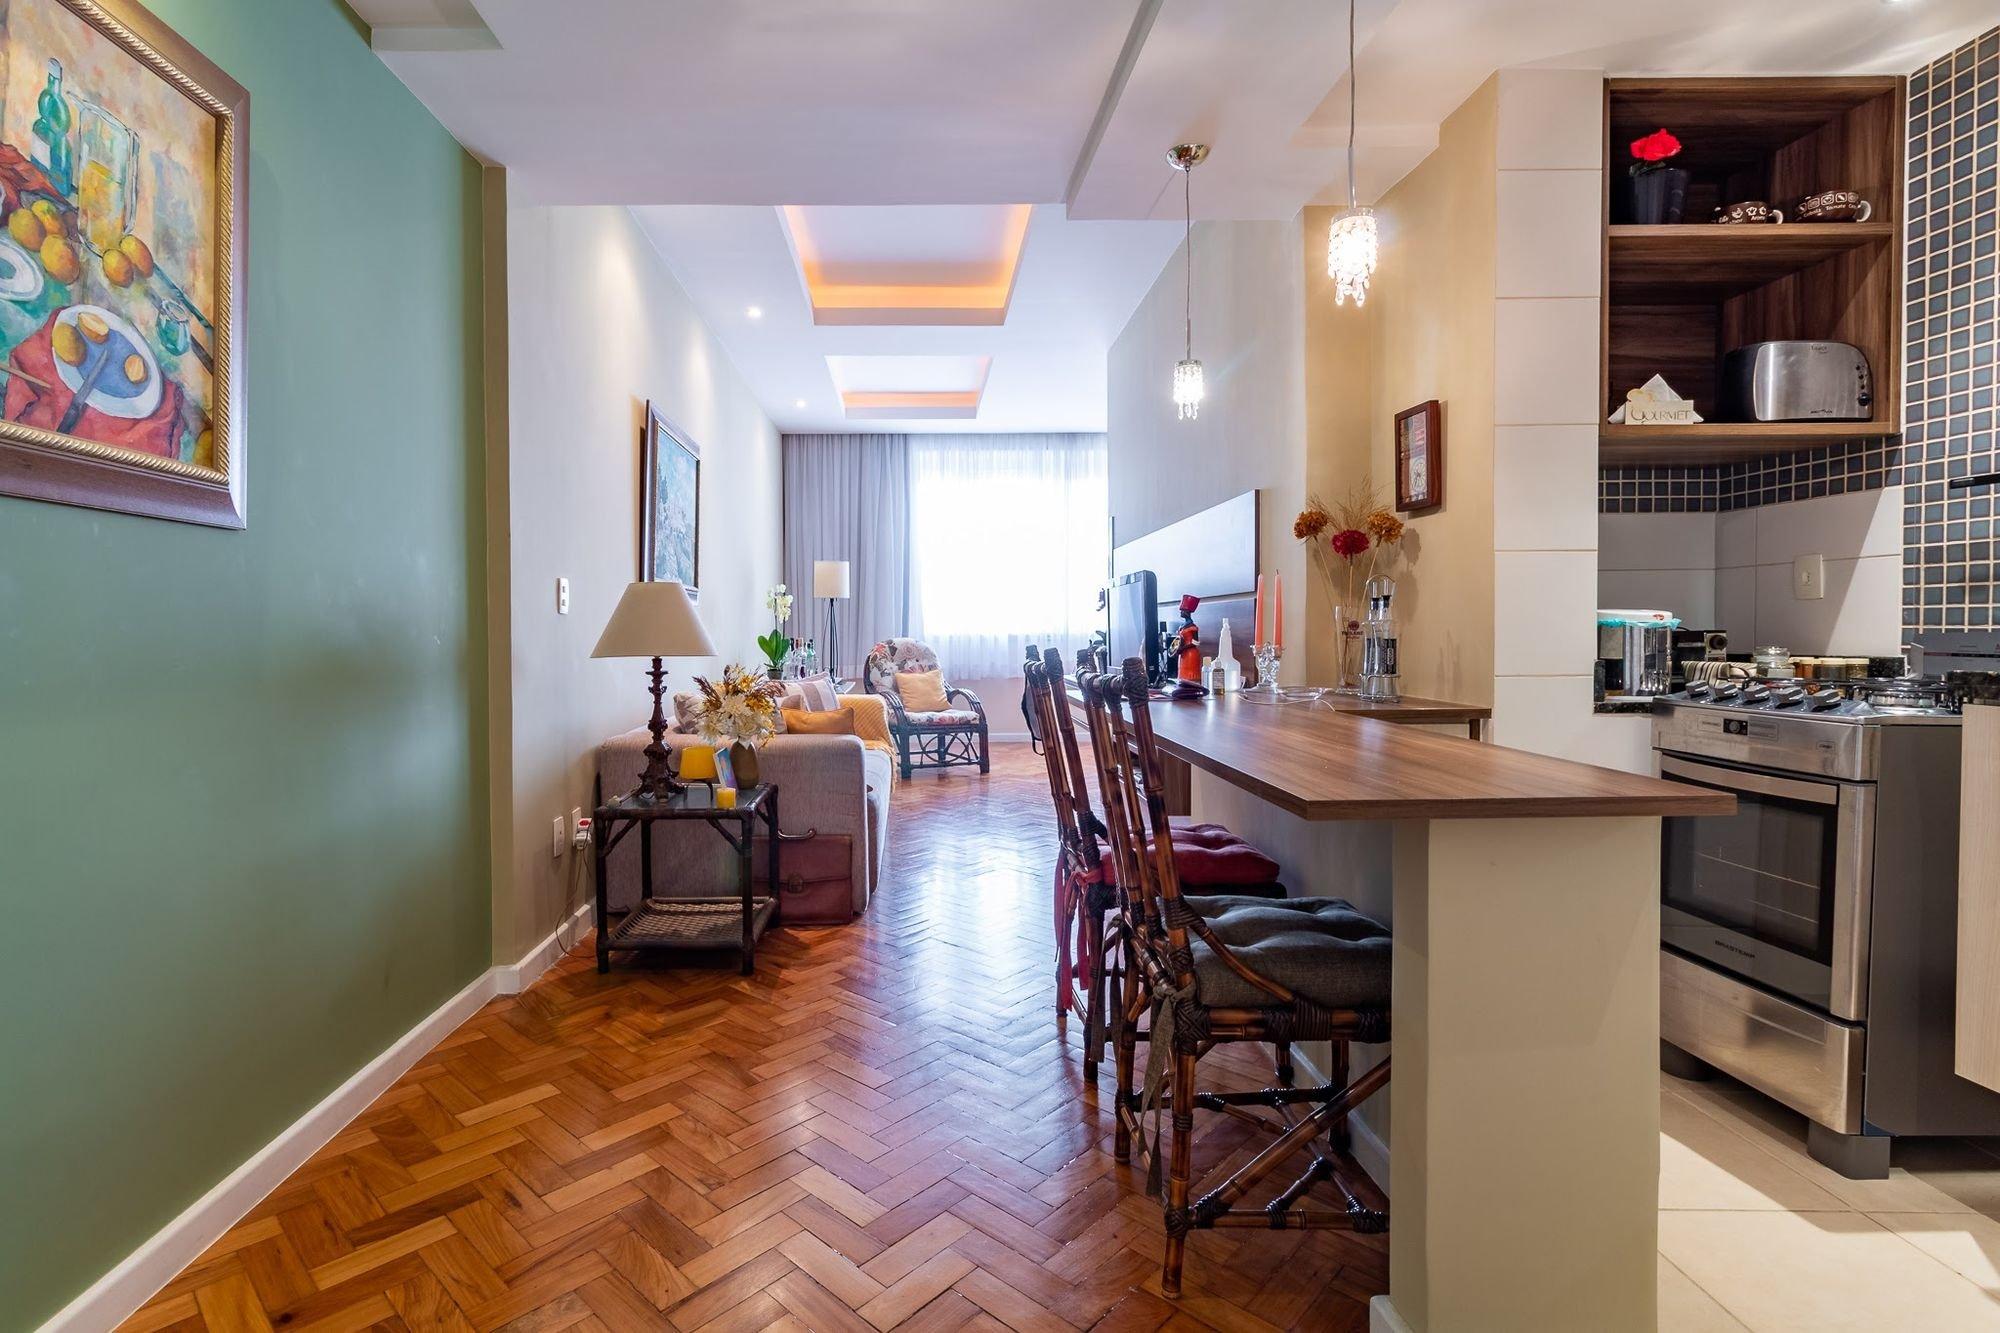 Foto de Cozinha com forno, sofá, cadeira